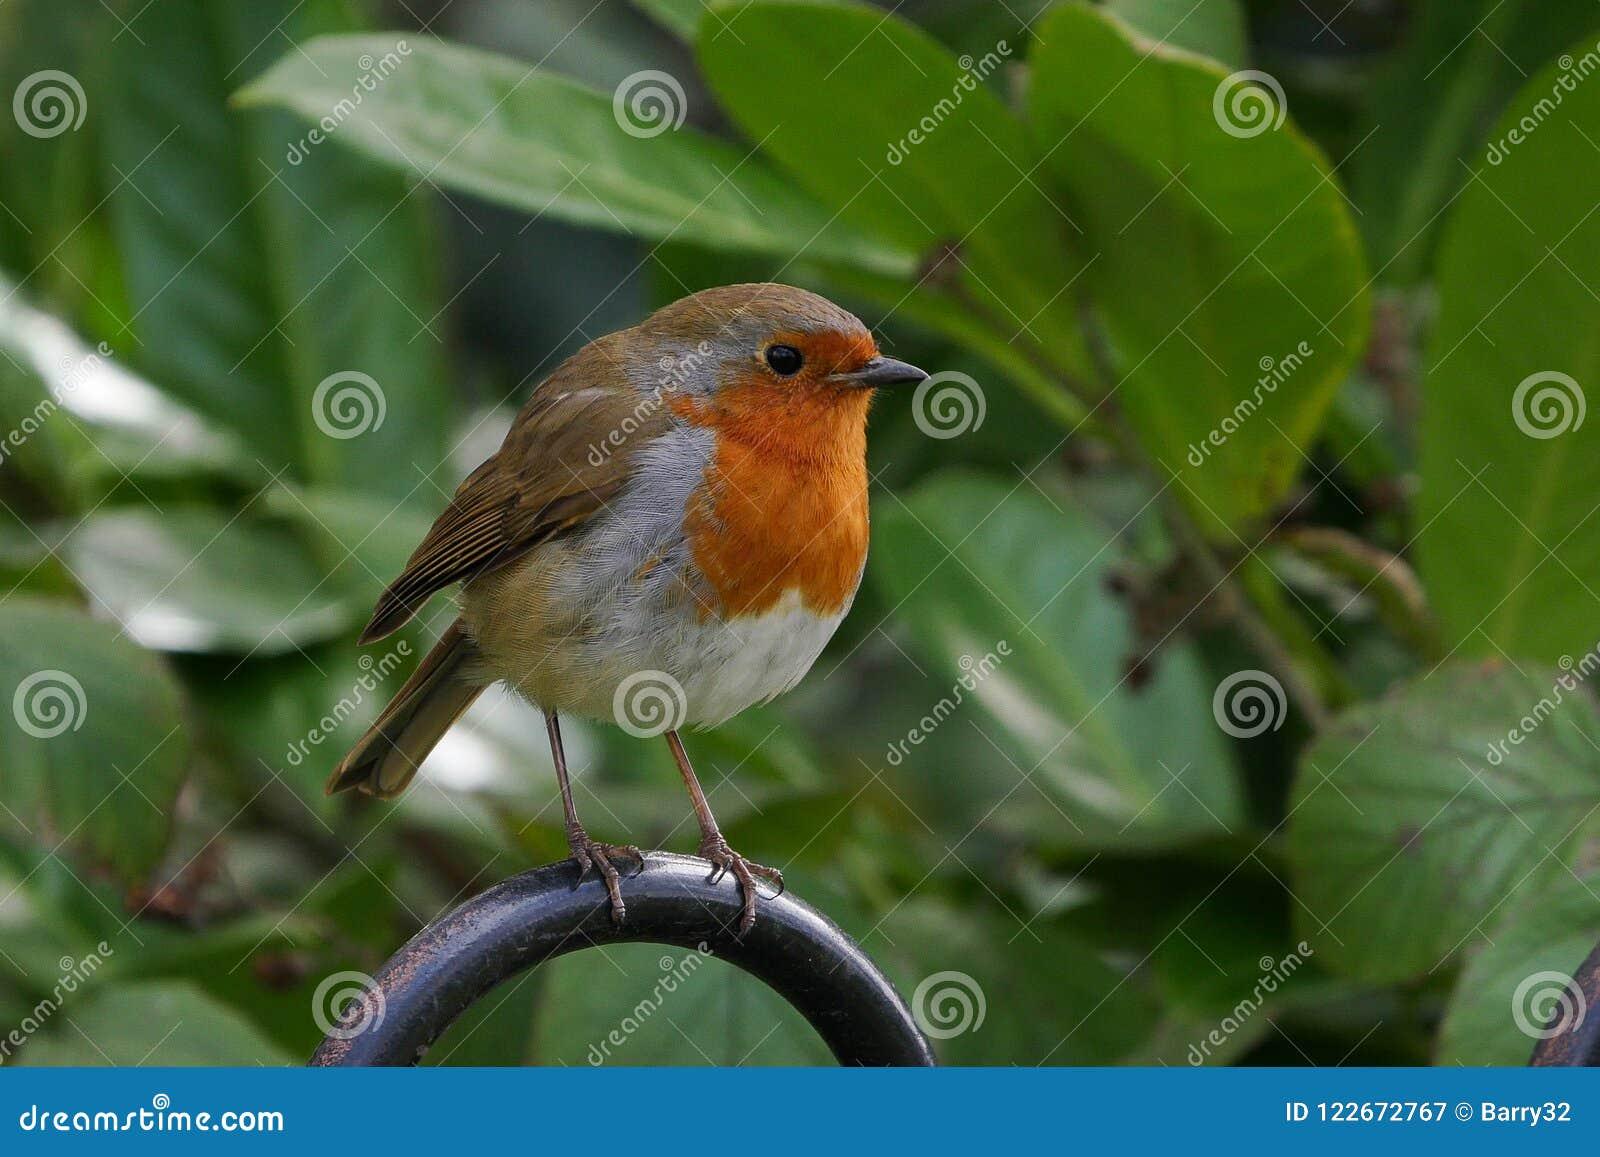 Ślicznego Europejskiego rudzika, Erithacus rubecula ptak/umieszczał na metalu ogrodzeniu w lecie